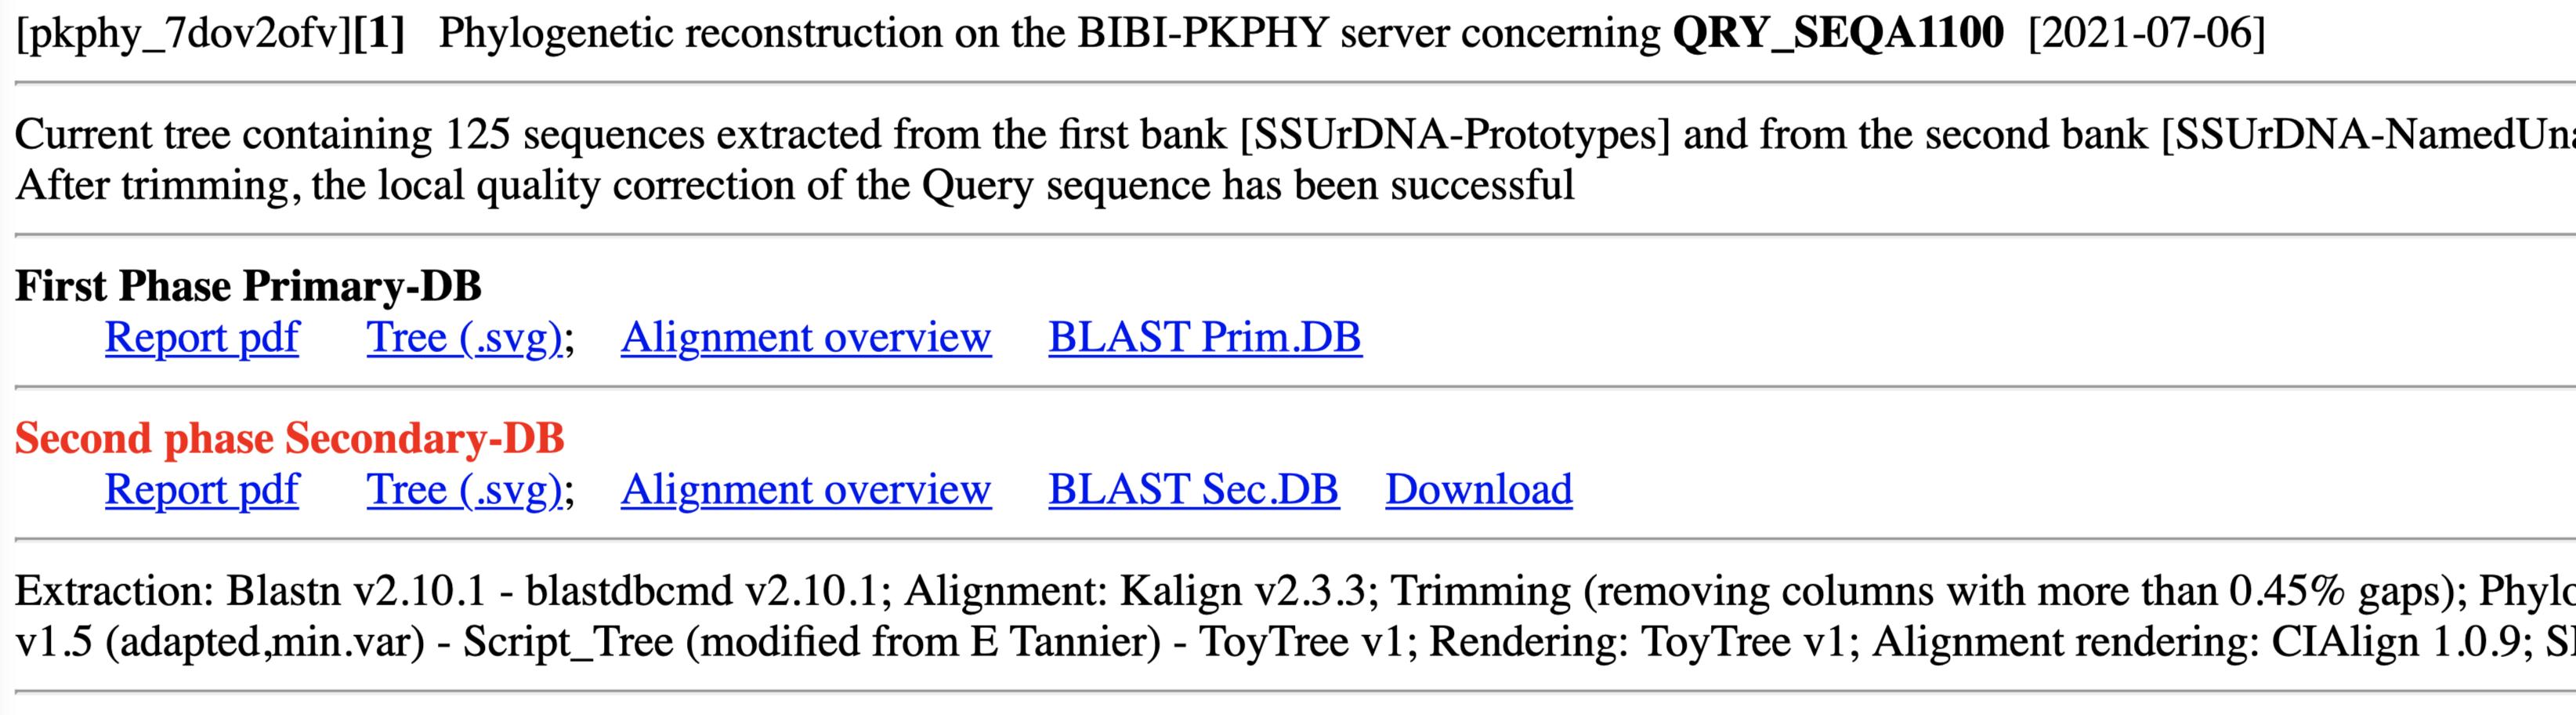 BIBI IV optimized session